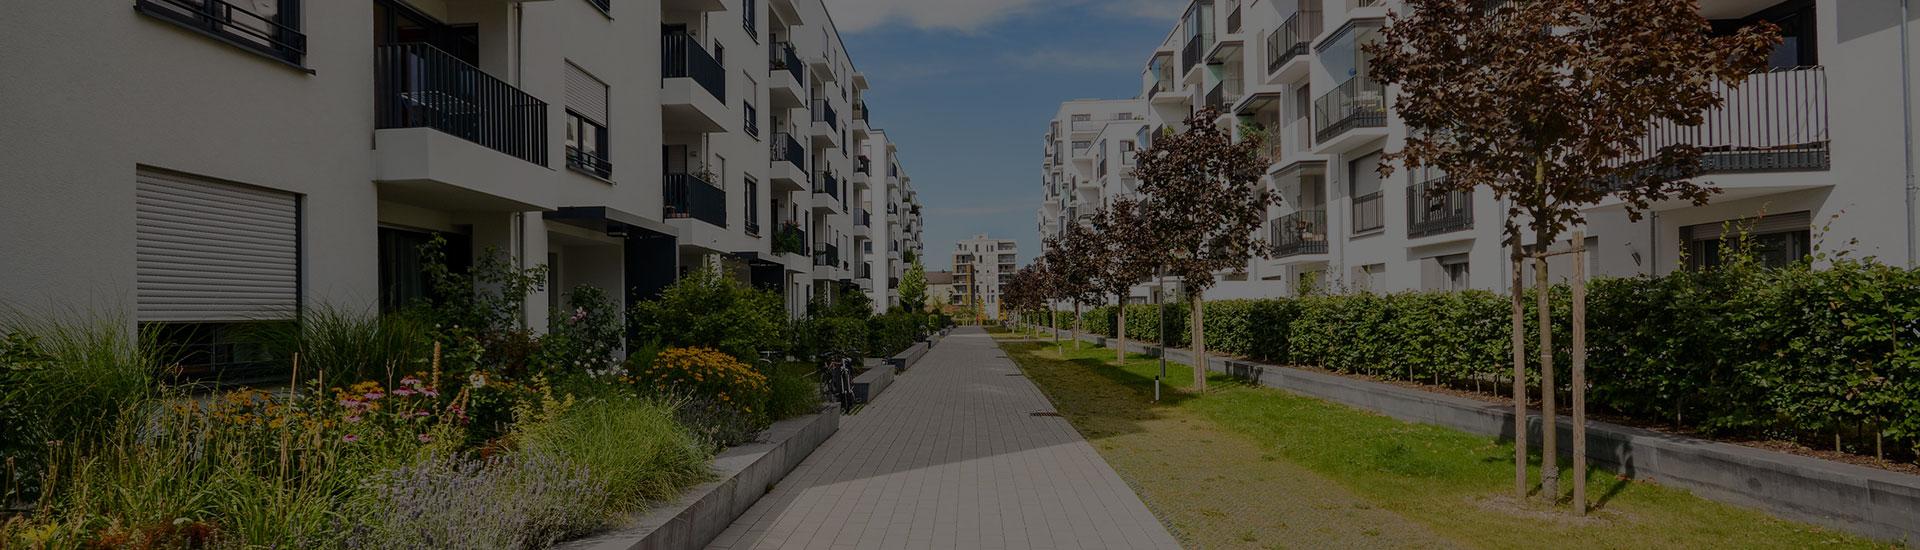 Prodej a pronájem bytů, domů a nemovitostí - MTM Real Service - Slide 3